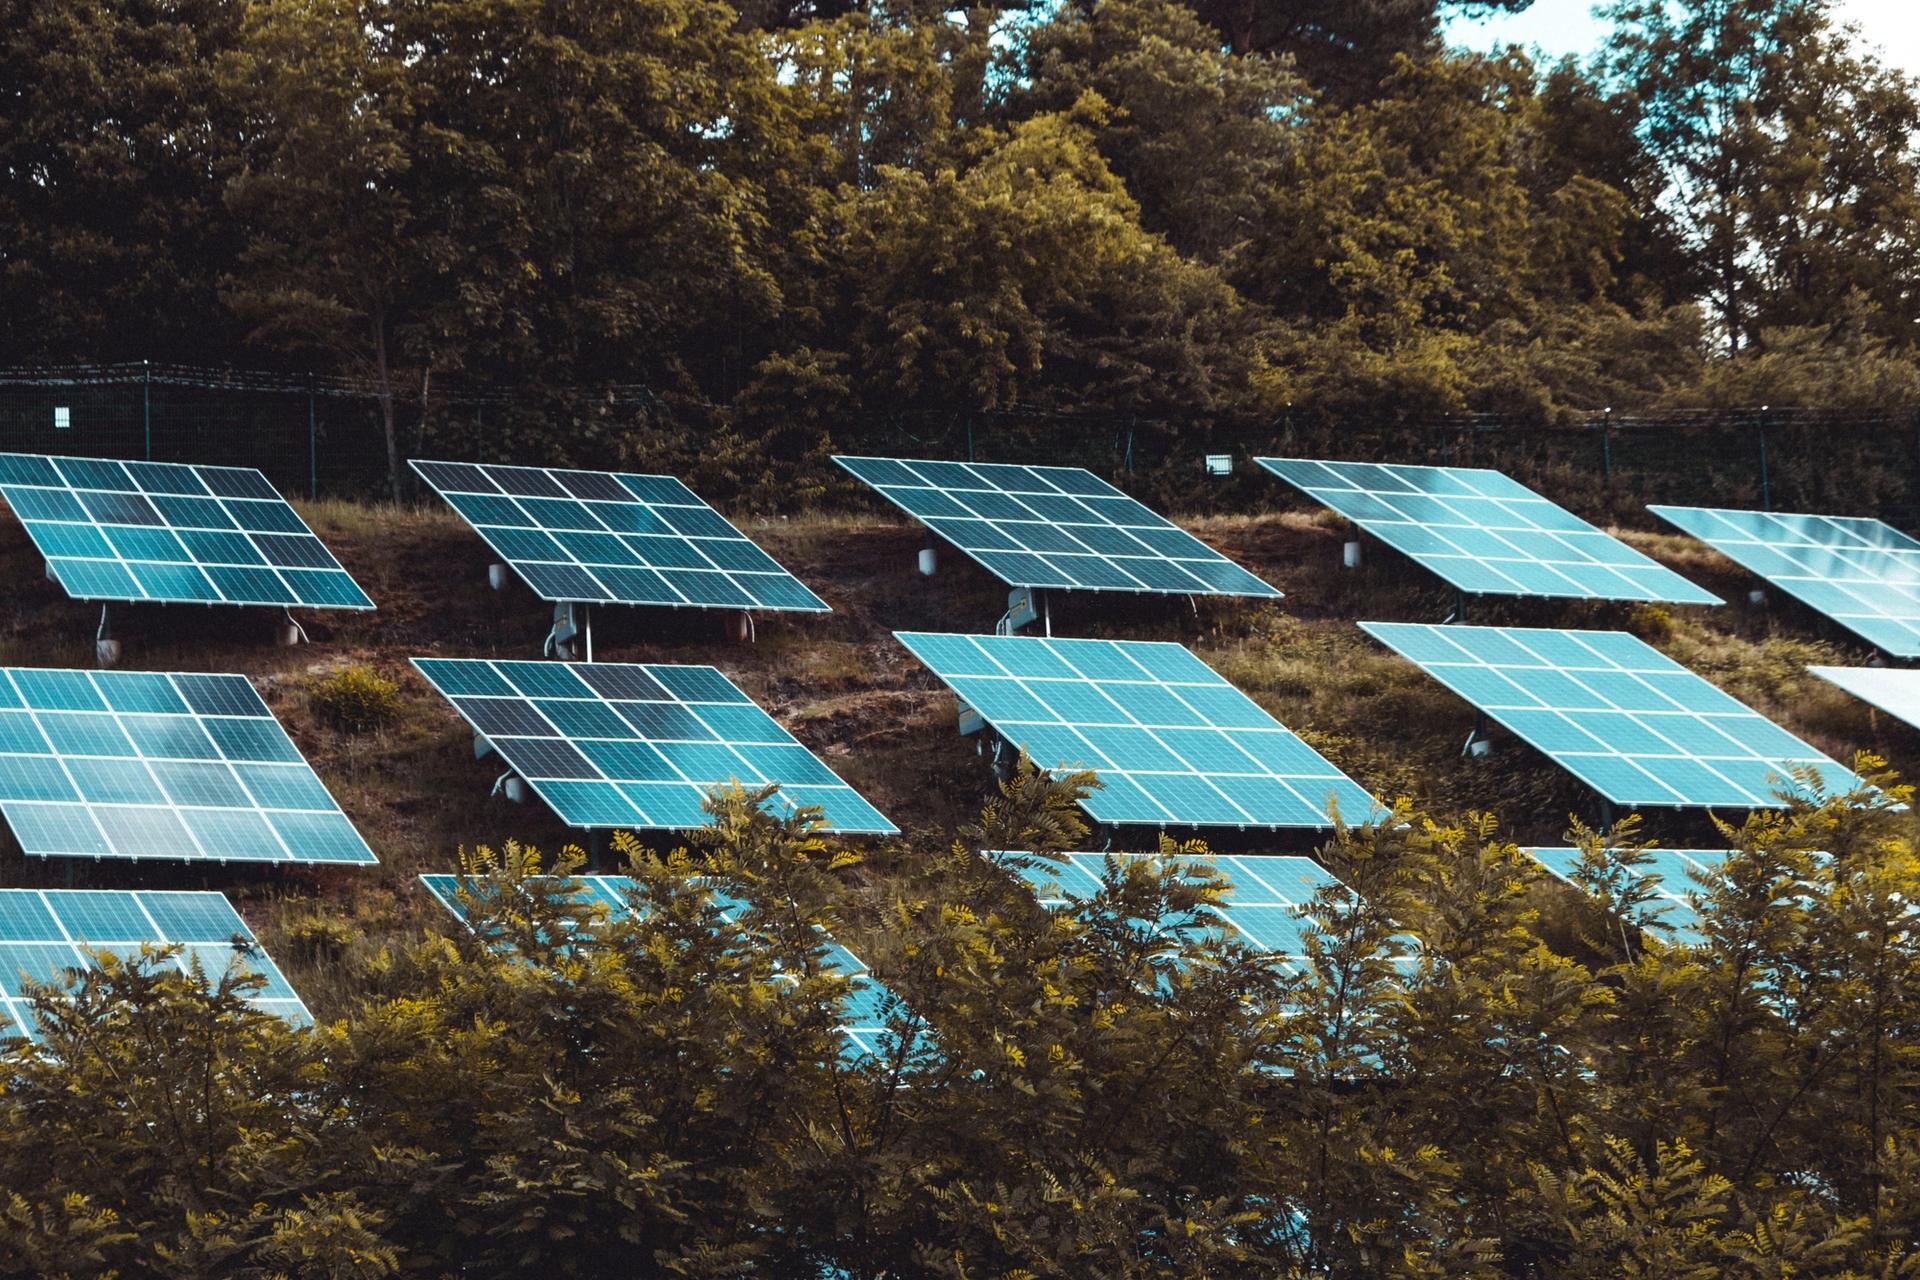 Stadt in Deutschland produziert mehr 5x mehr erneuerbare Energie als sie braucht